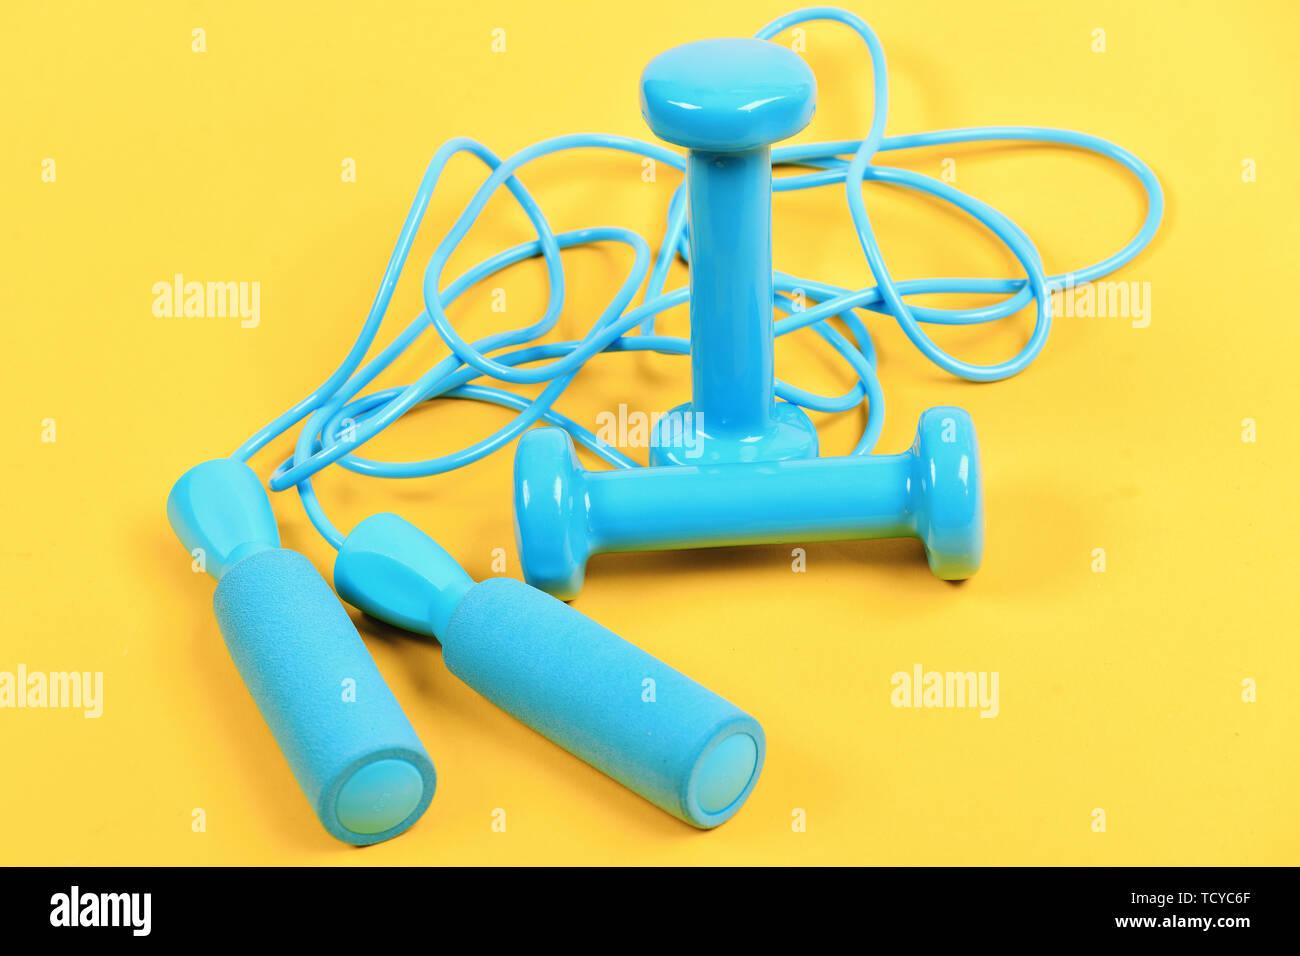 Hanteln und Seil springen in Cyan blaue Farbe auf gelbem Hintergrund. Gestaltung und Fitnessgeräte. Hanteln und Springseil in der Nähe von einander gesetzt. Sport und gesunde Lebensweise Konzept Stockbild